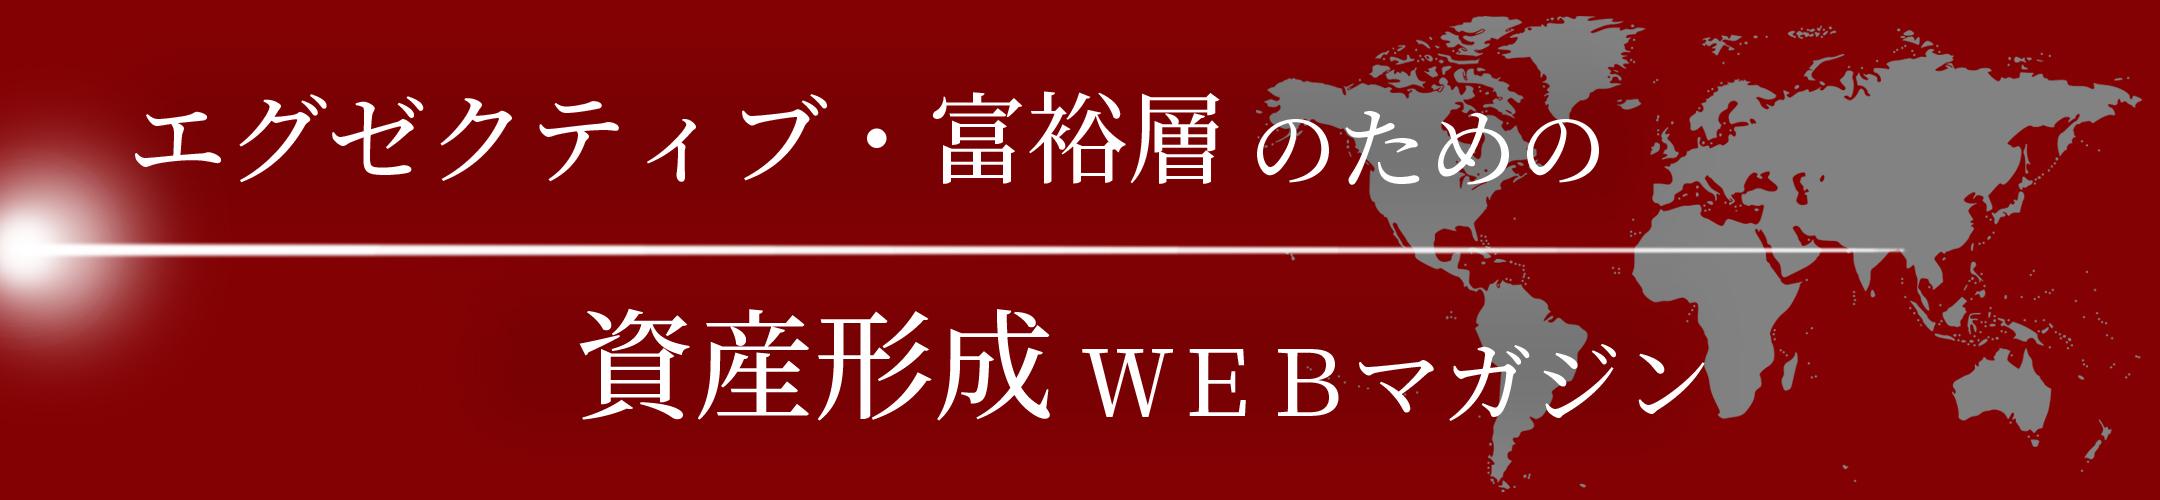 エグゼクティブのための最新ビジネスニュース・WEB情報局